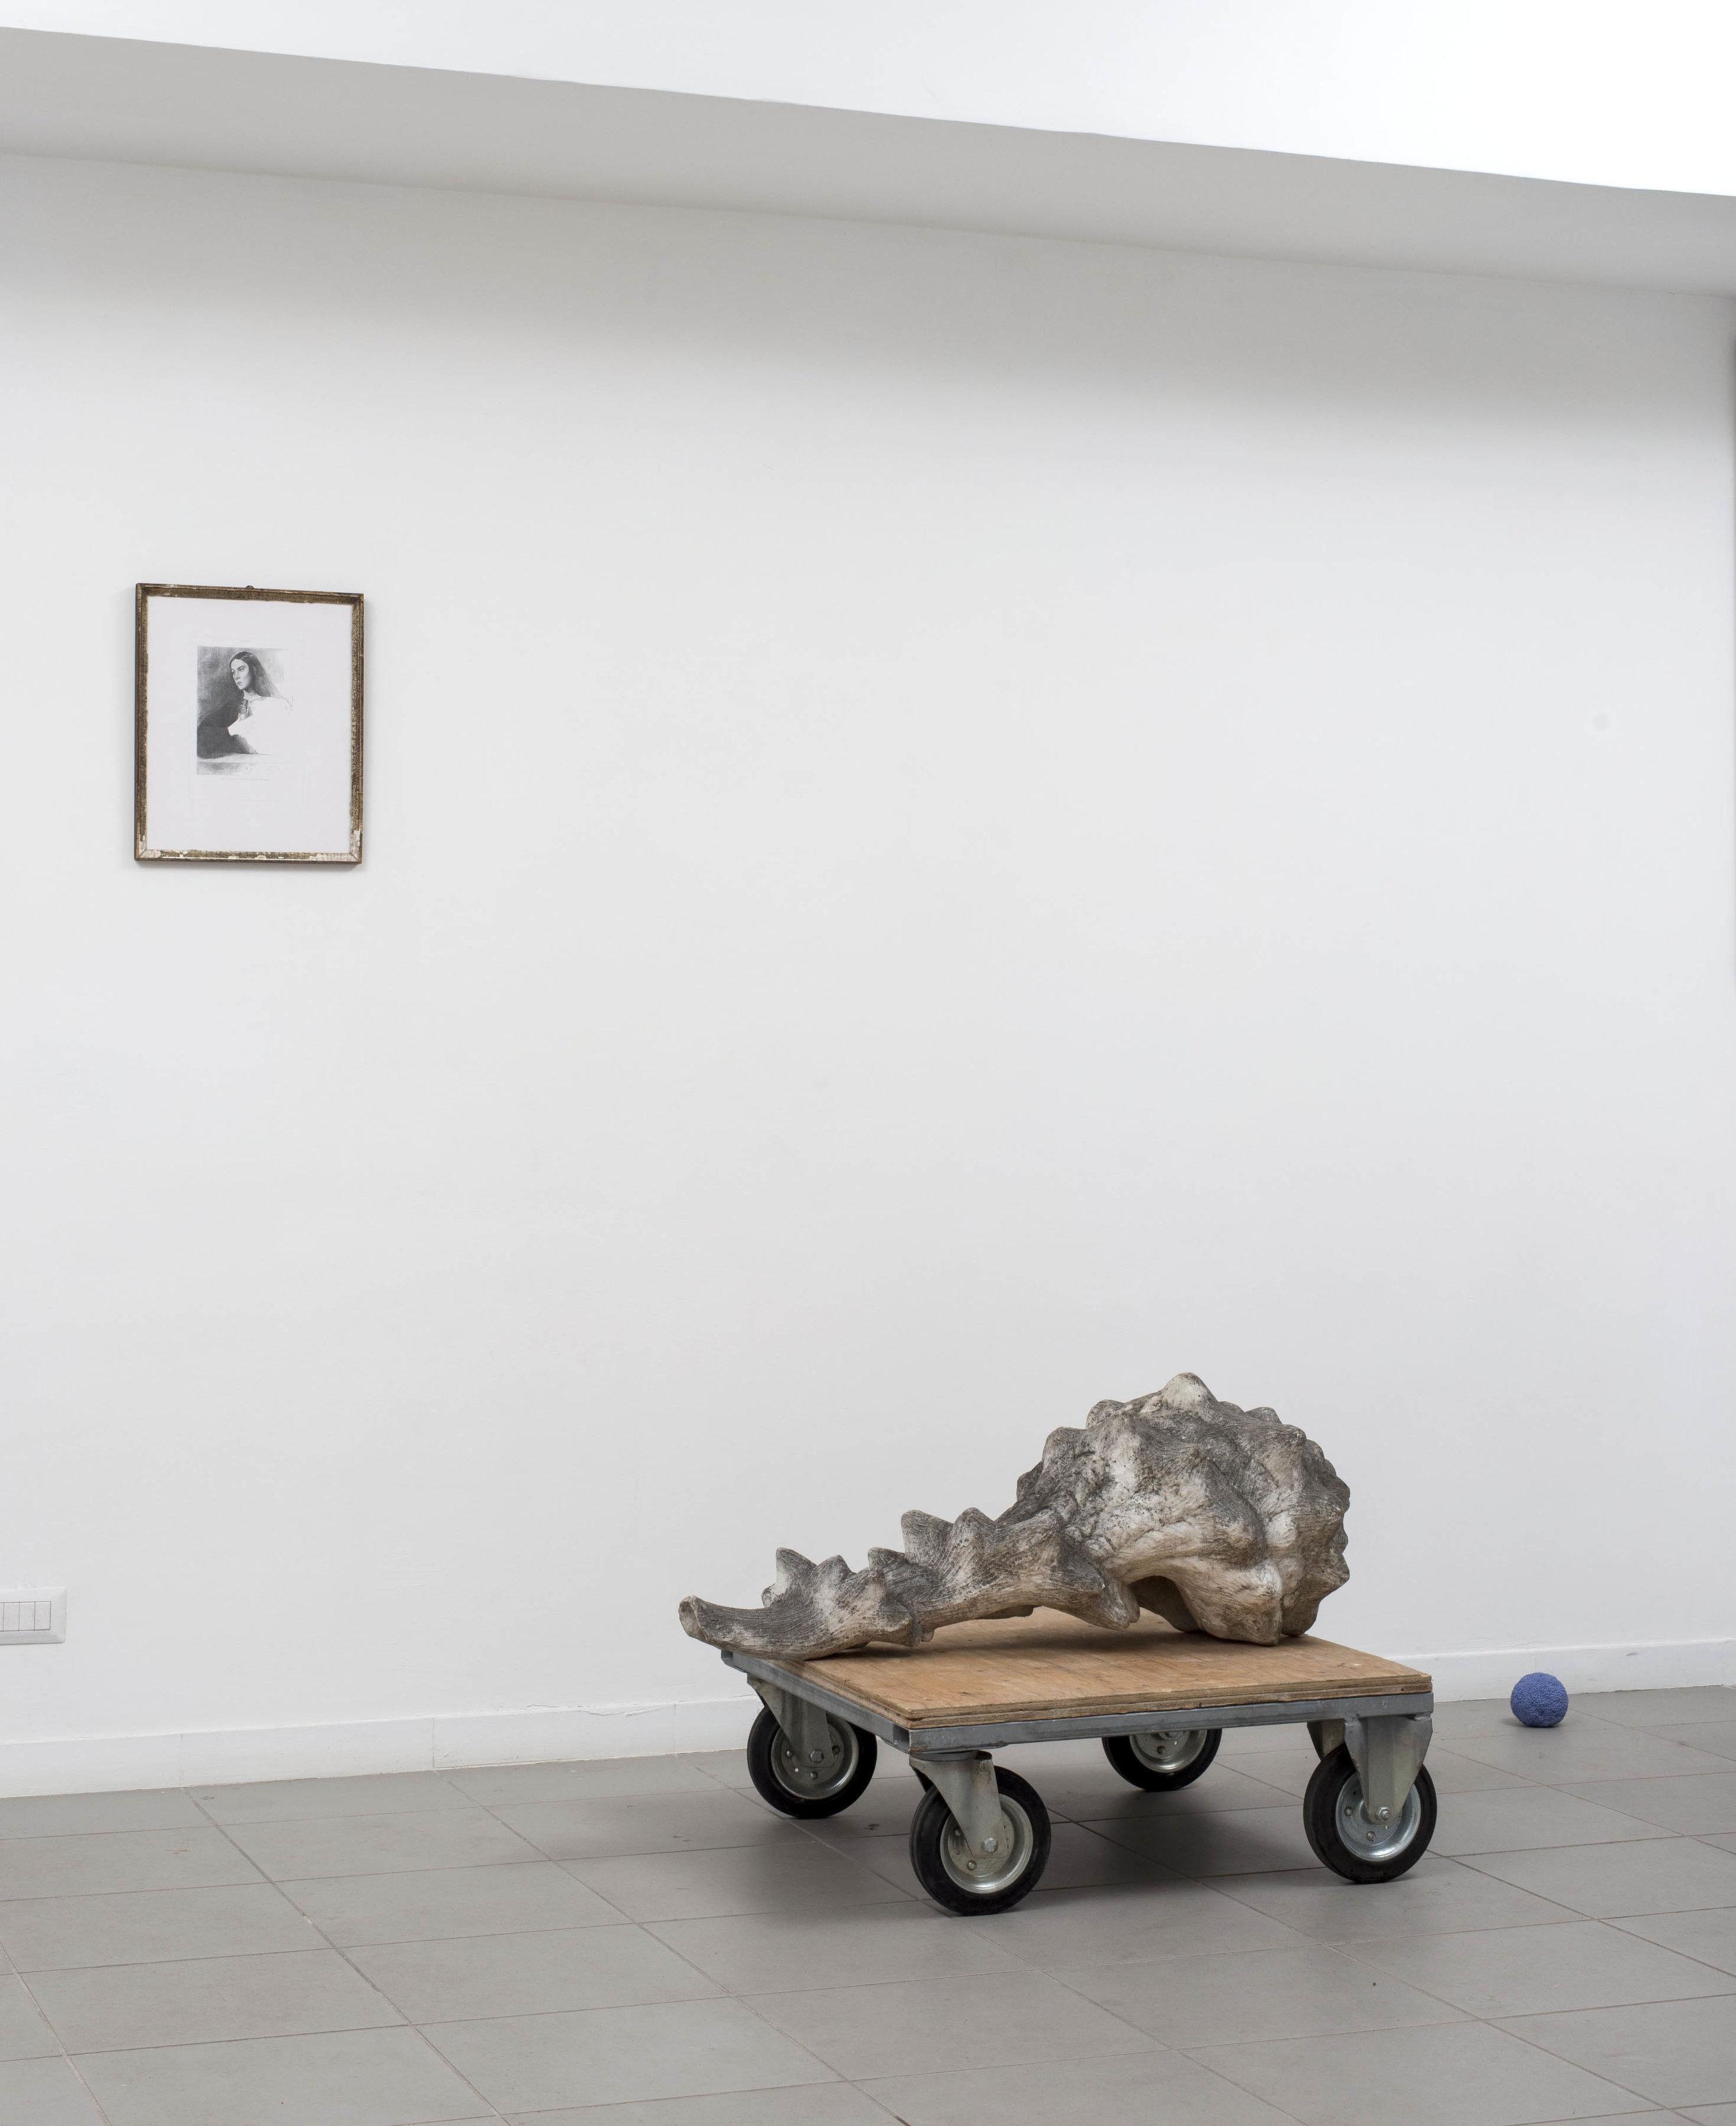 Chiara Camoni, La buona vicinanza , 2009.   Photo by Giorgio Benni. Image courtesy the artist, curators and The Gallery Apart, Rome.